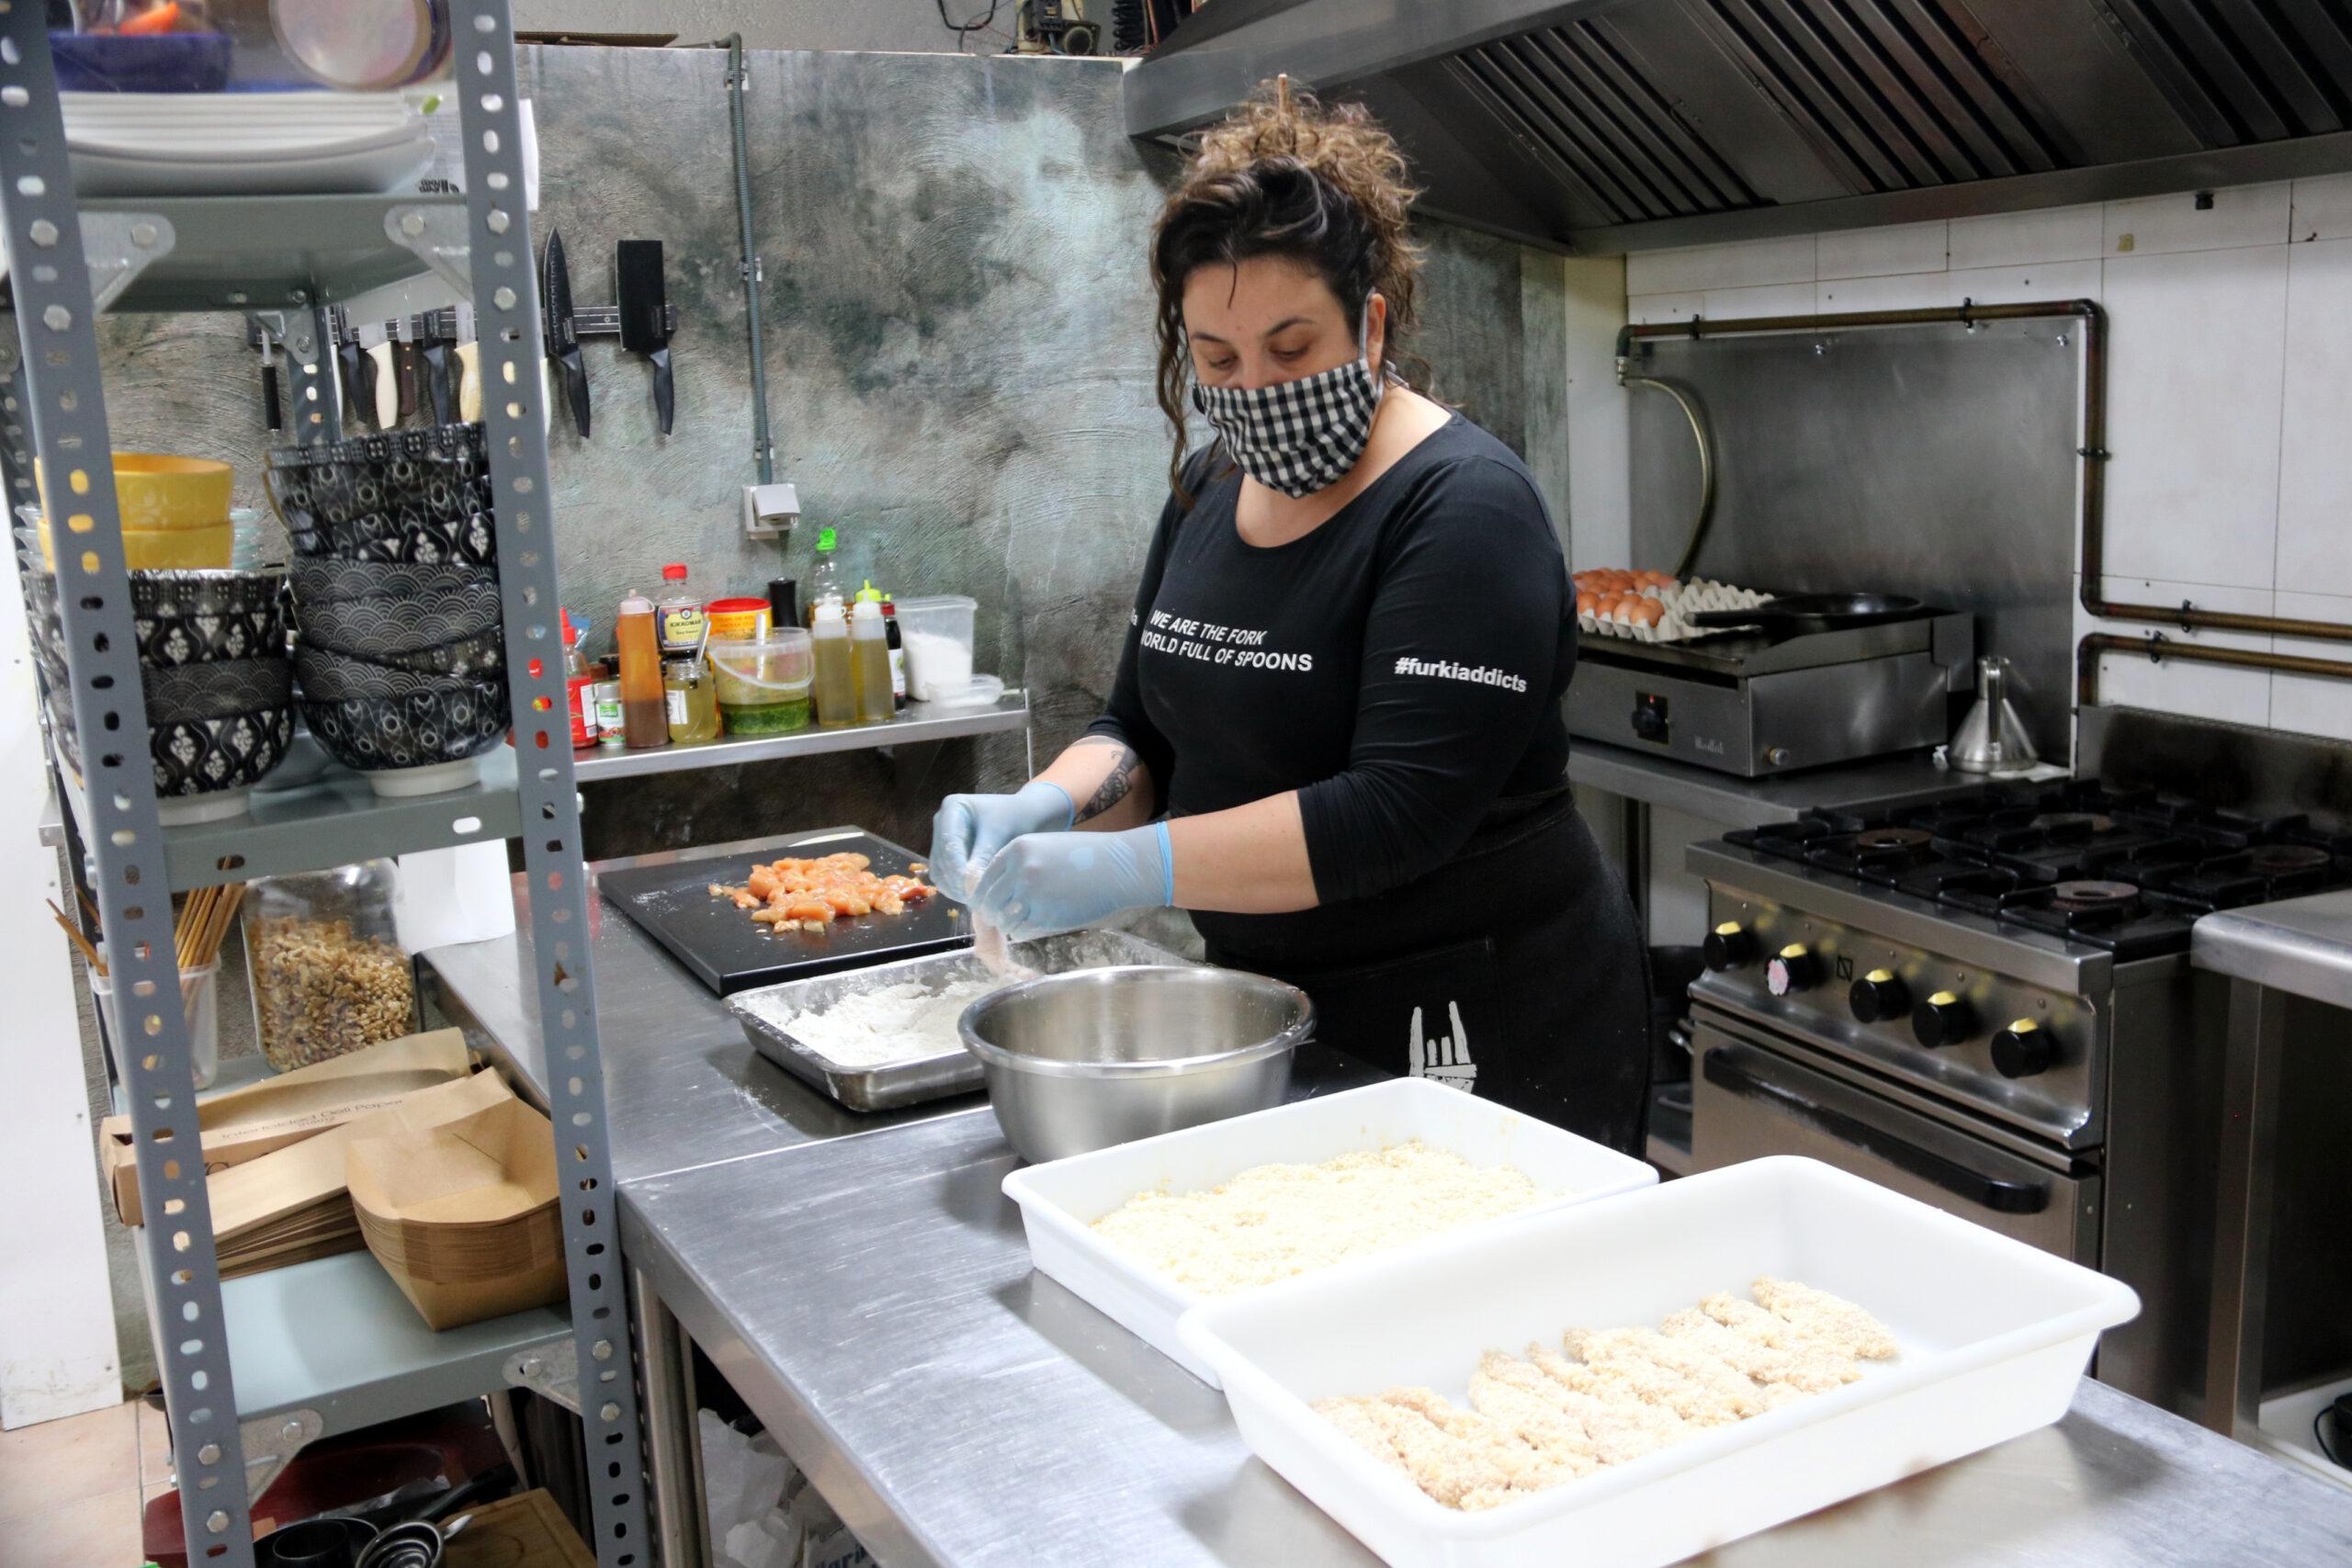 La propietària del restaurant La Forkilla, a la cuina | ACN